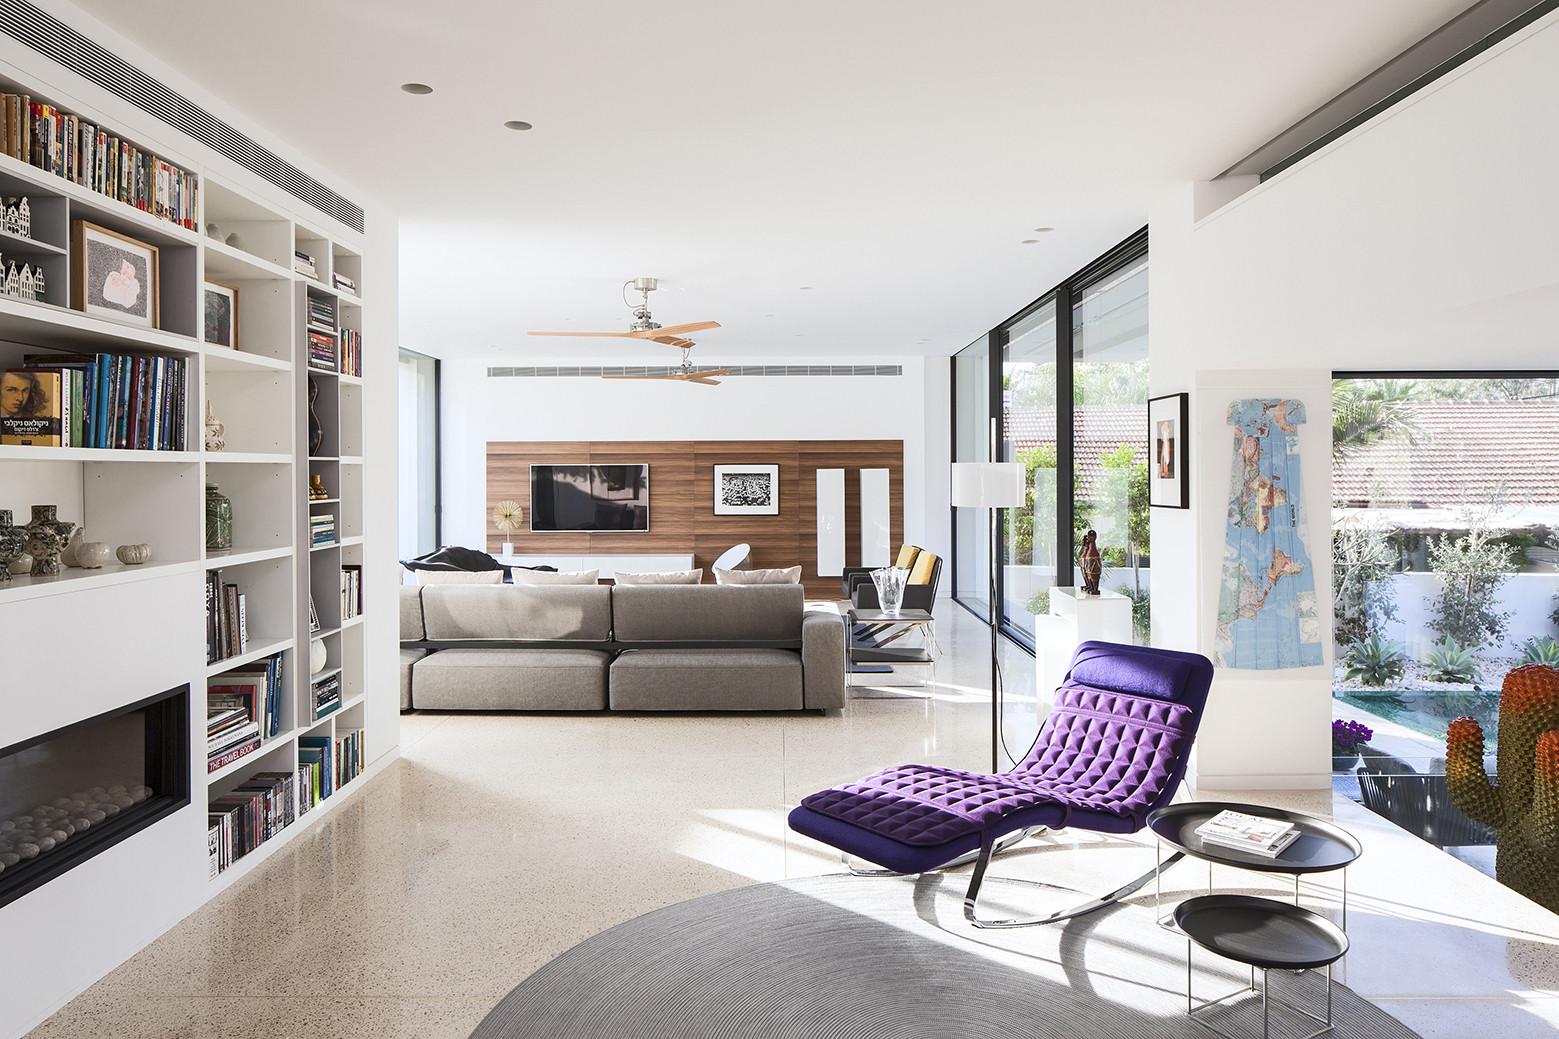 Villa Interior Design Ideas likewise Mediterranean House Plans 2 Story ...